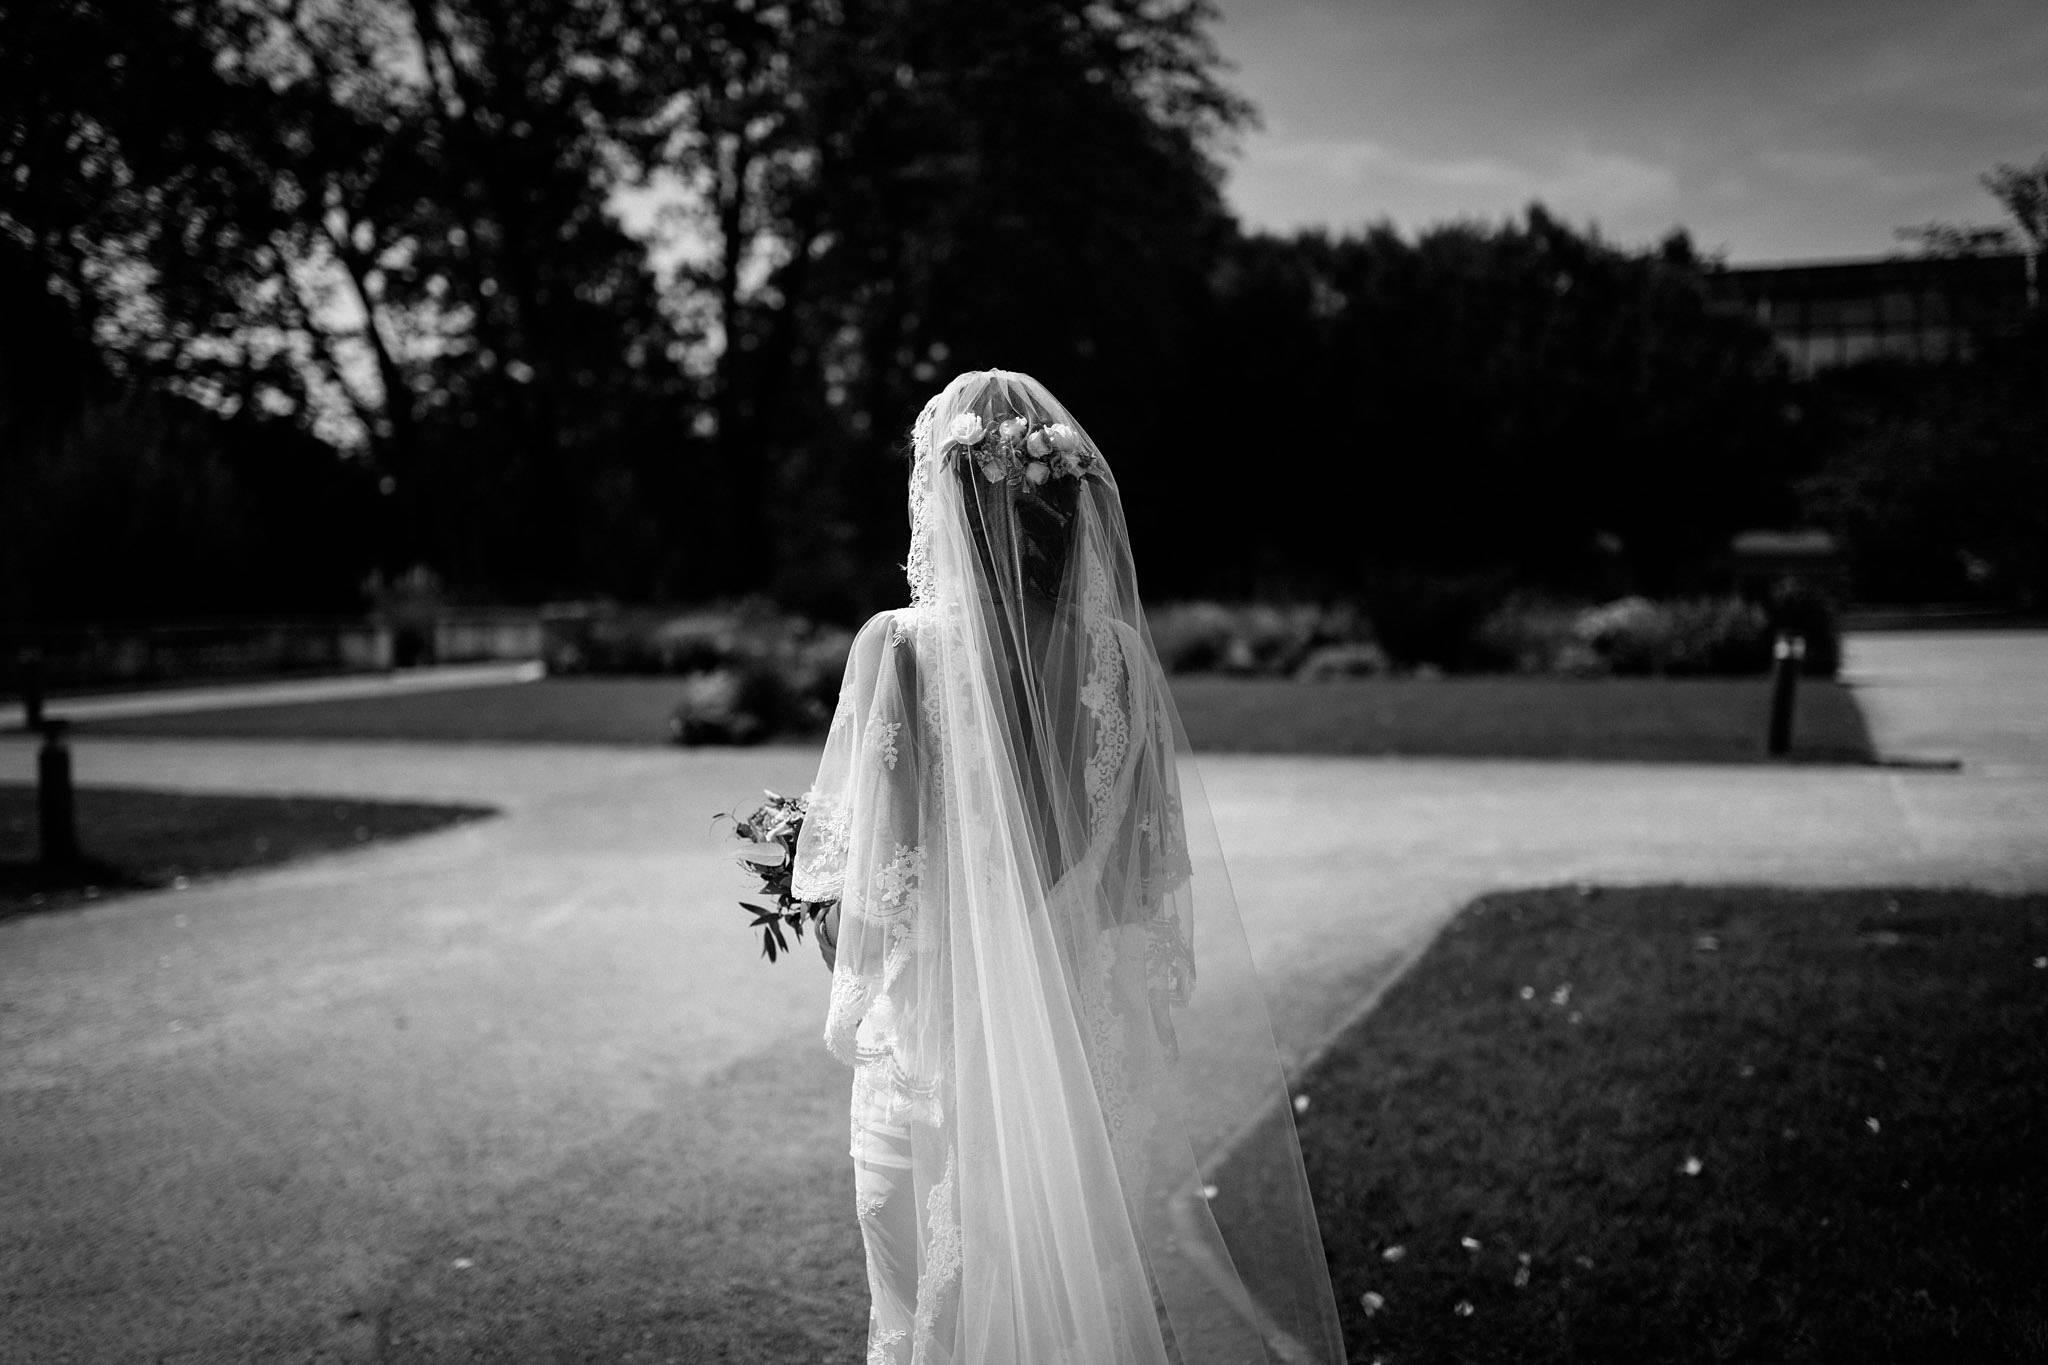 Les photos du reportage mariage civil et laïque de Charline et Yohan : Mairie de Mérignac et Château Pape Clément Grand Cru Pessac. Photographe mariage Gironde.